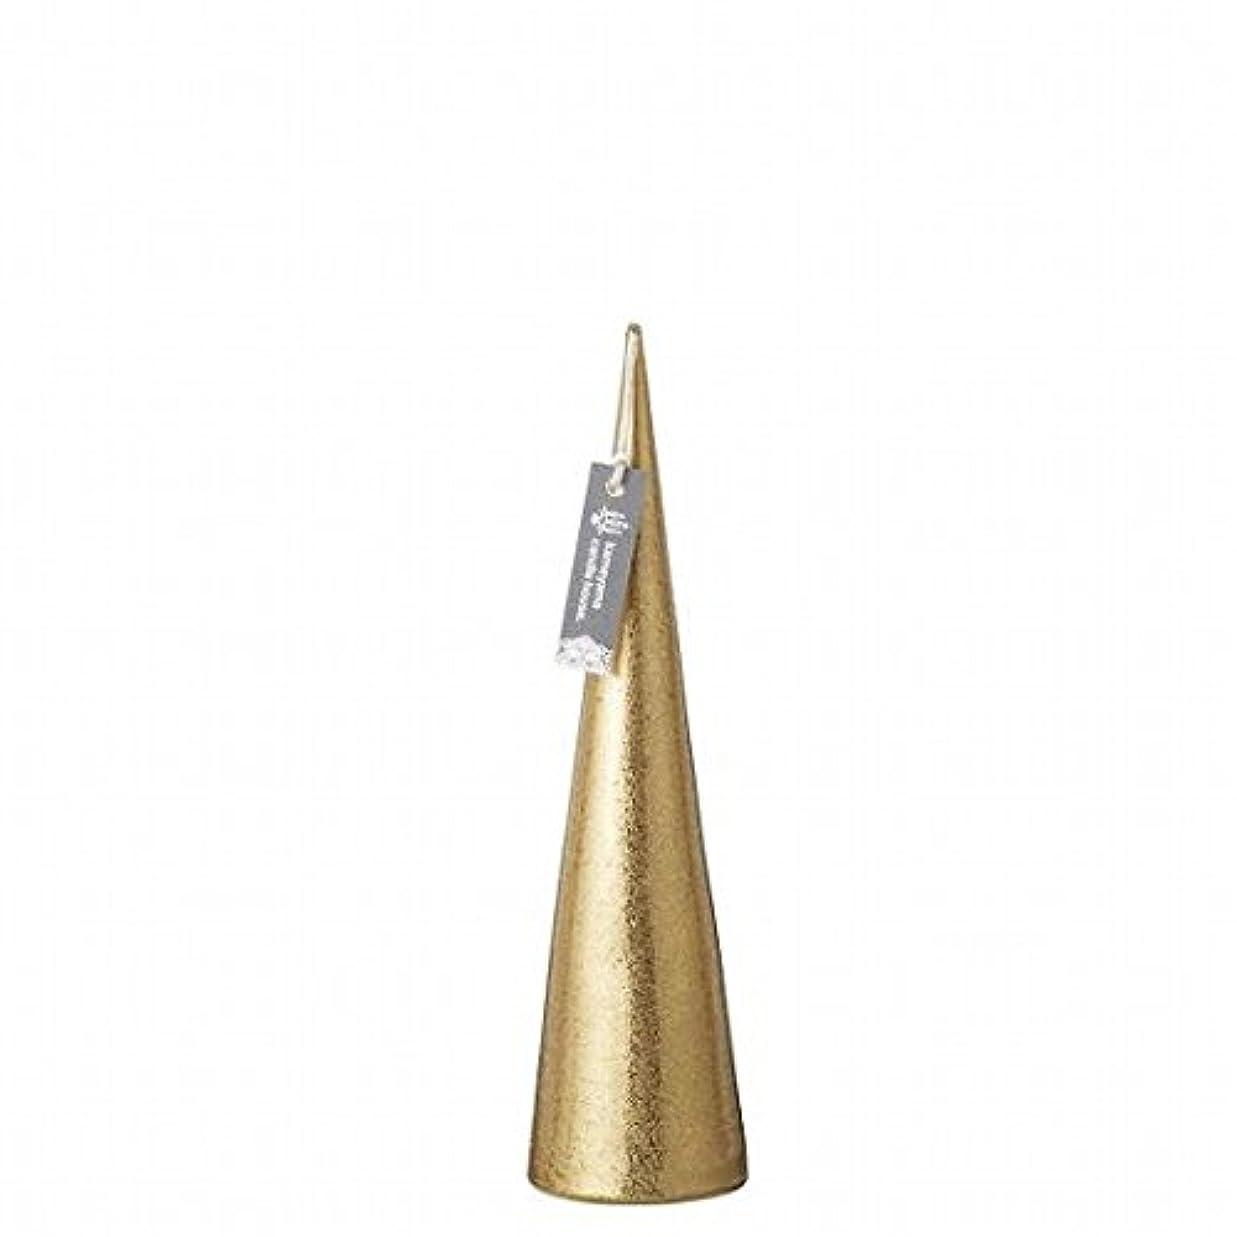 掃除書誌突っ込むkameyama candle(カメヤマキャンドル) メタリックコーンM「 ゴールド 」(A9560110GO)